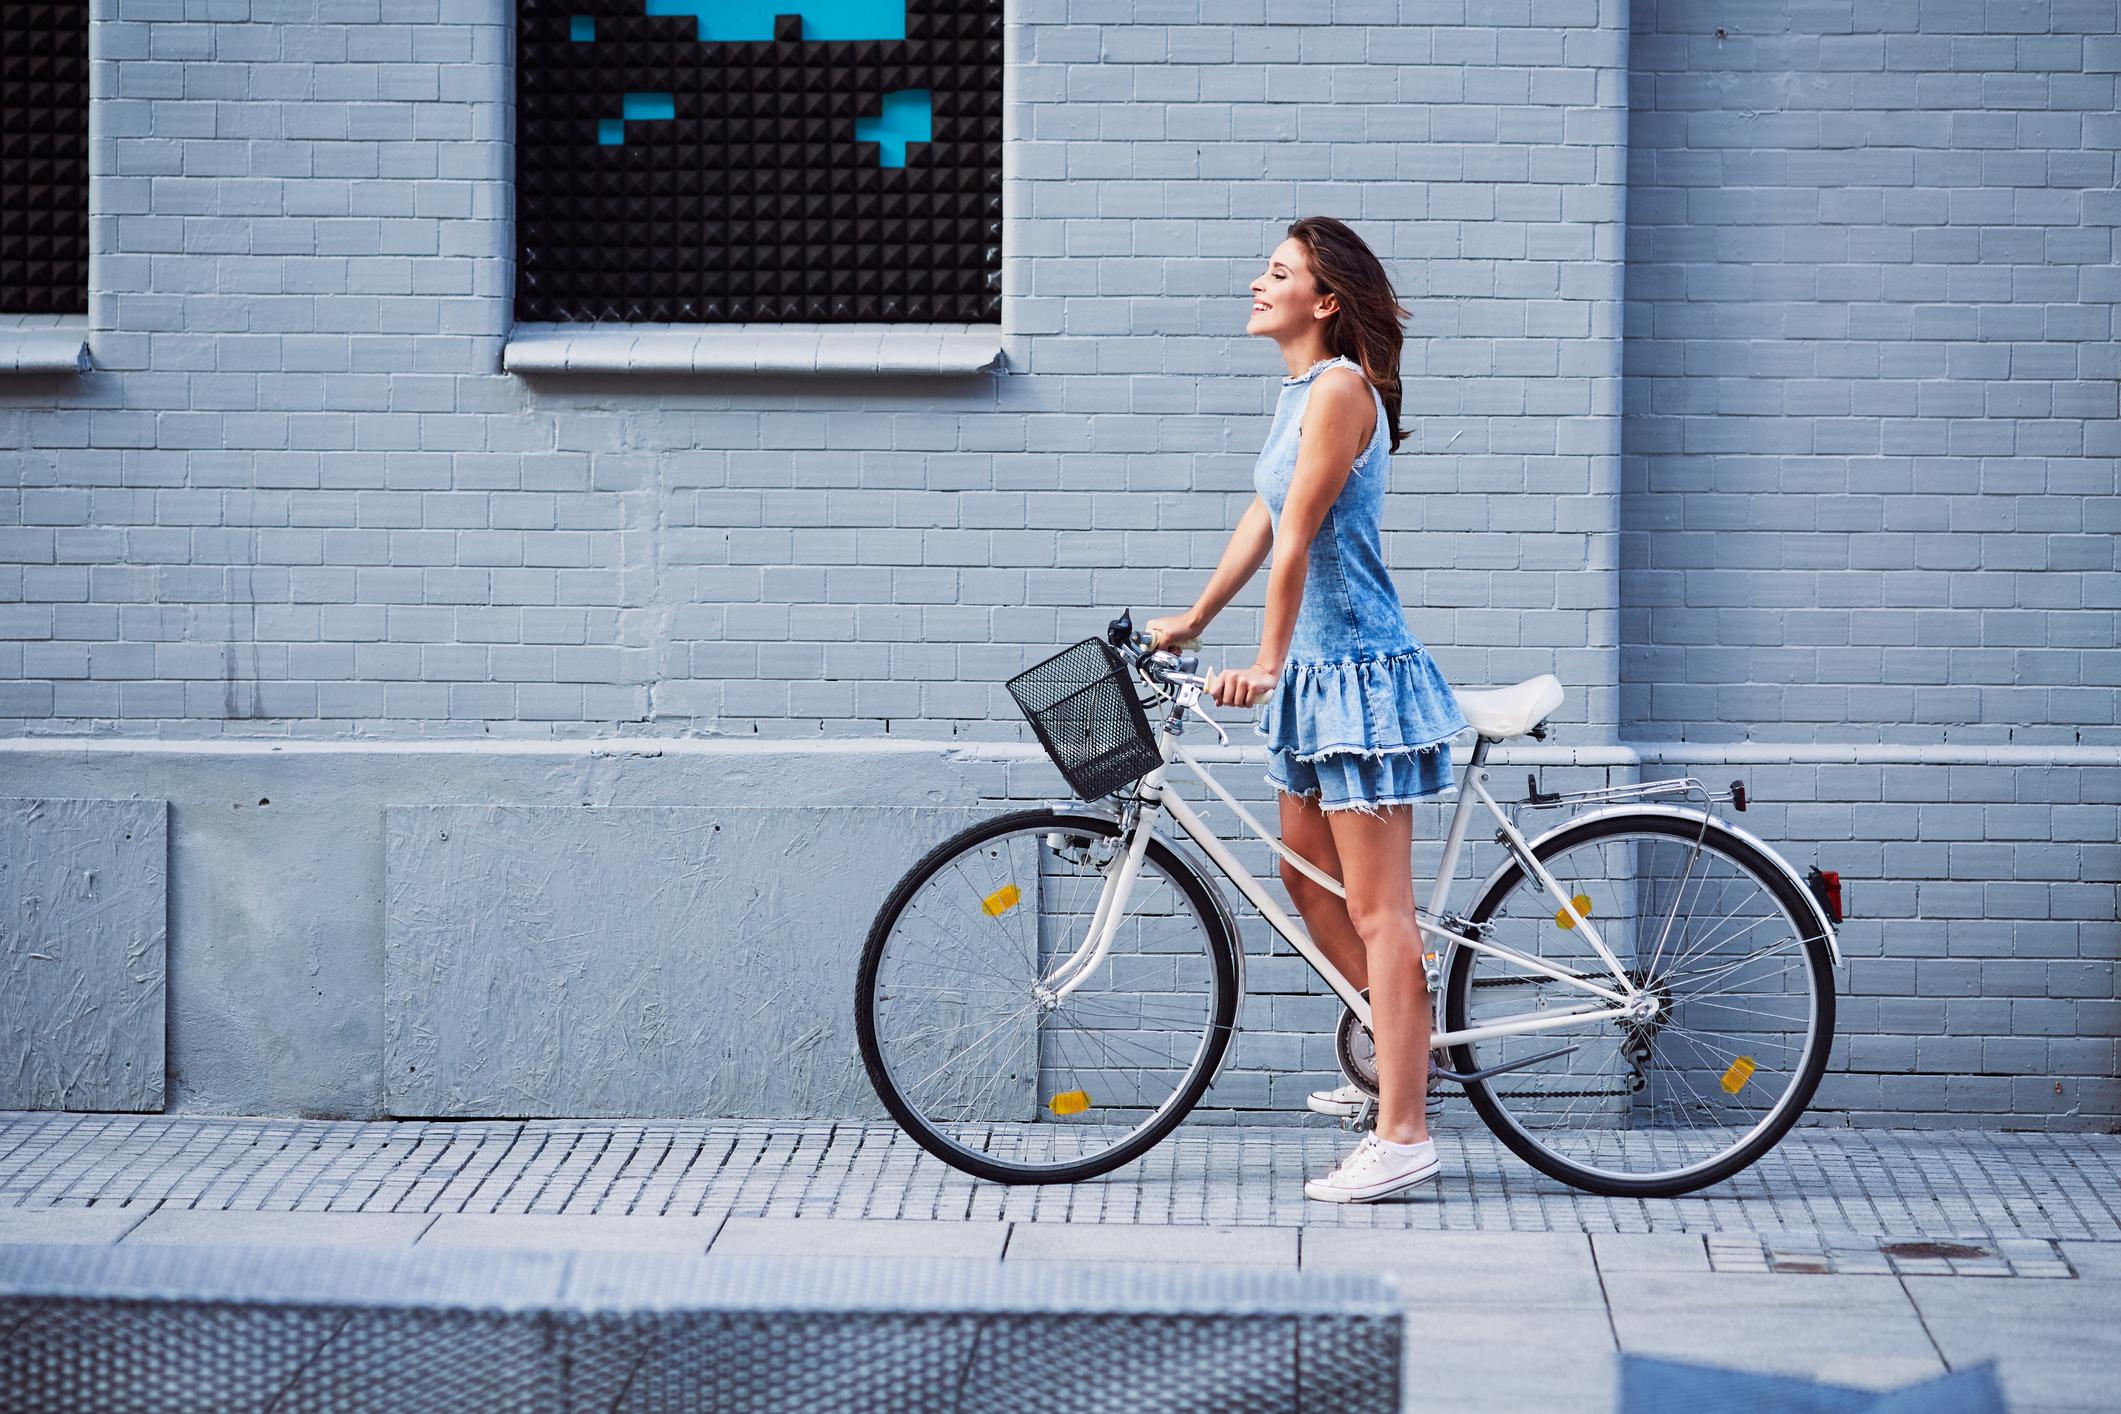 Як вибрати якісний велосипед на літній сезон